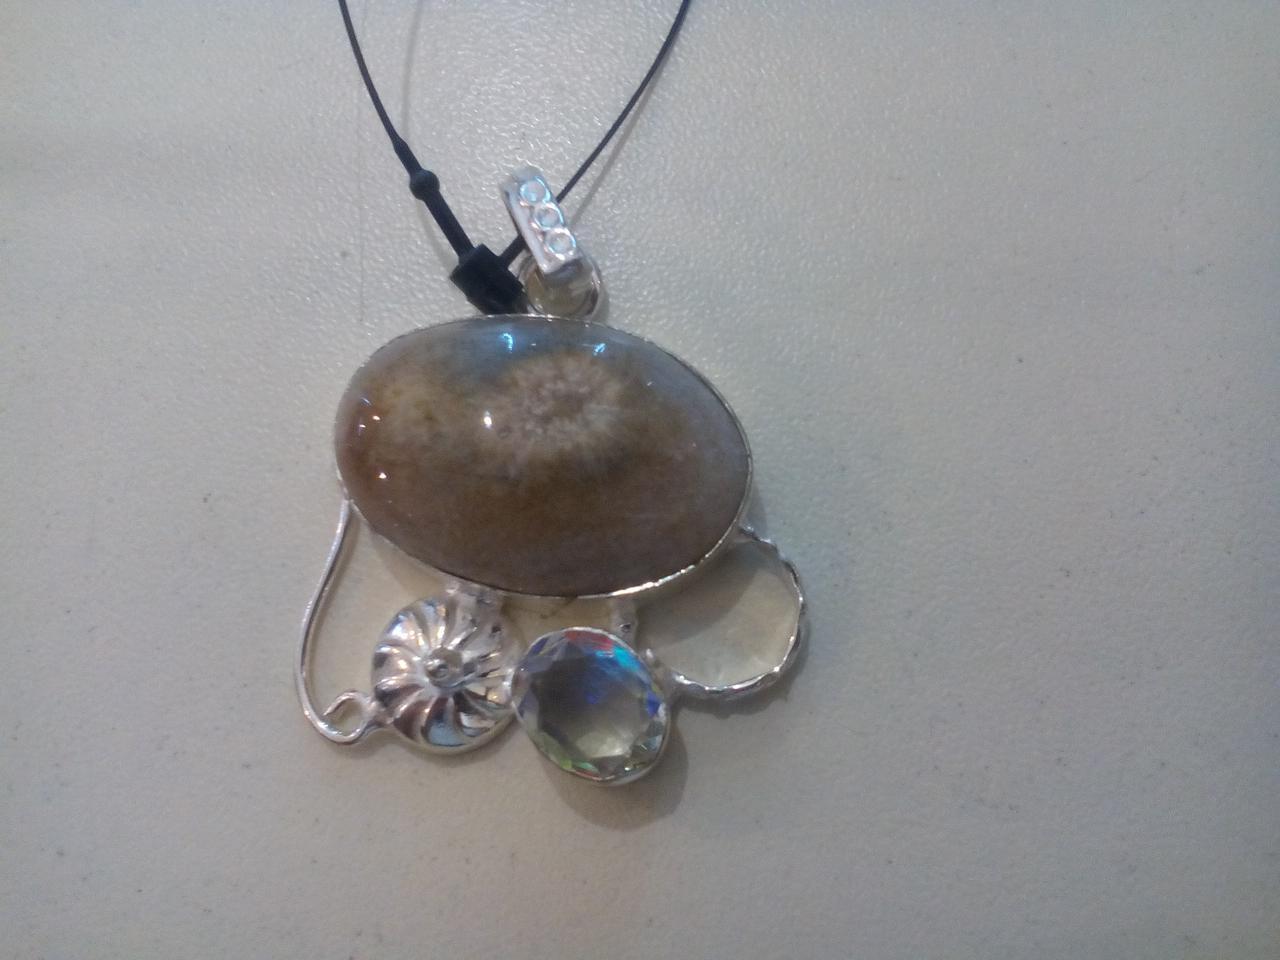 Жеода агата и топаз кулон с жеодой агата в серебре.